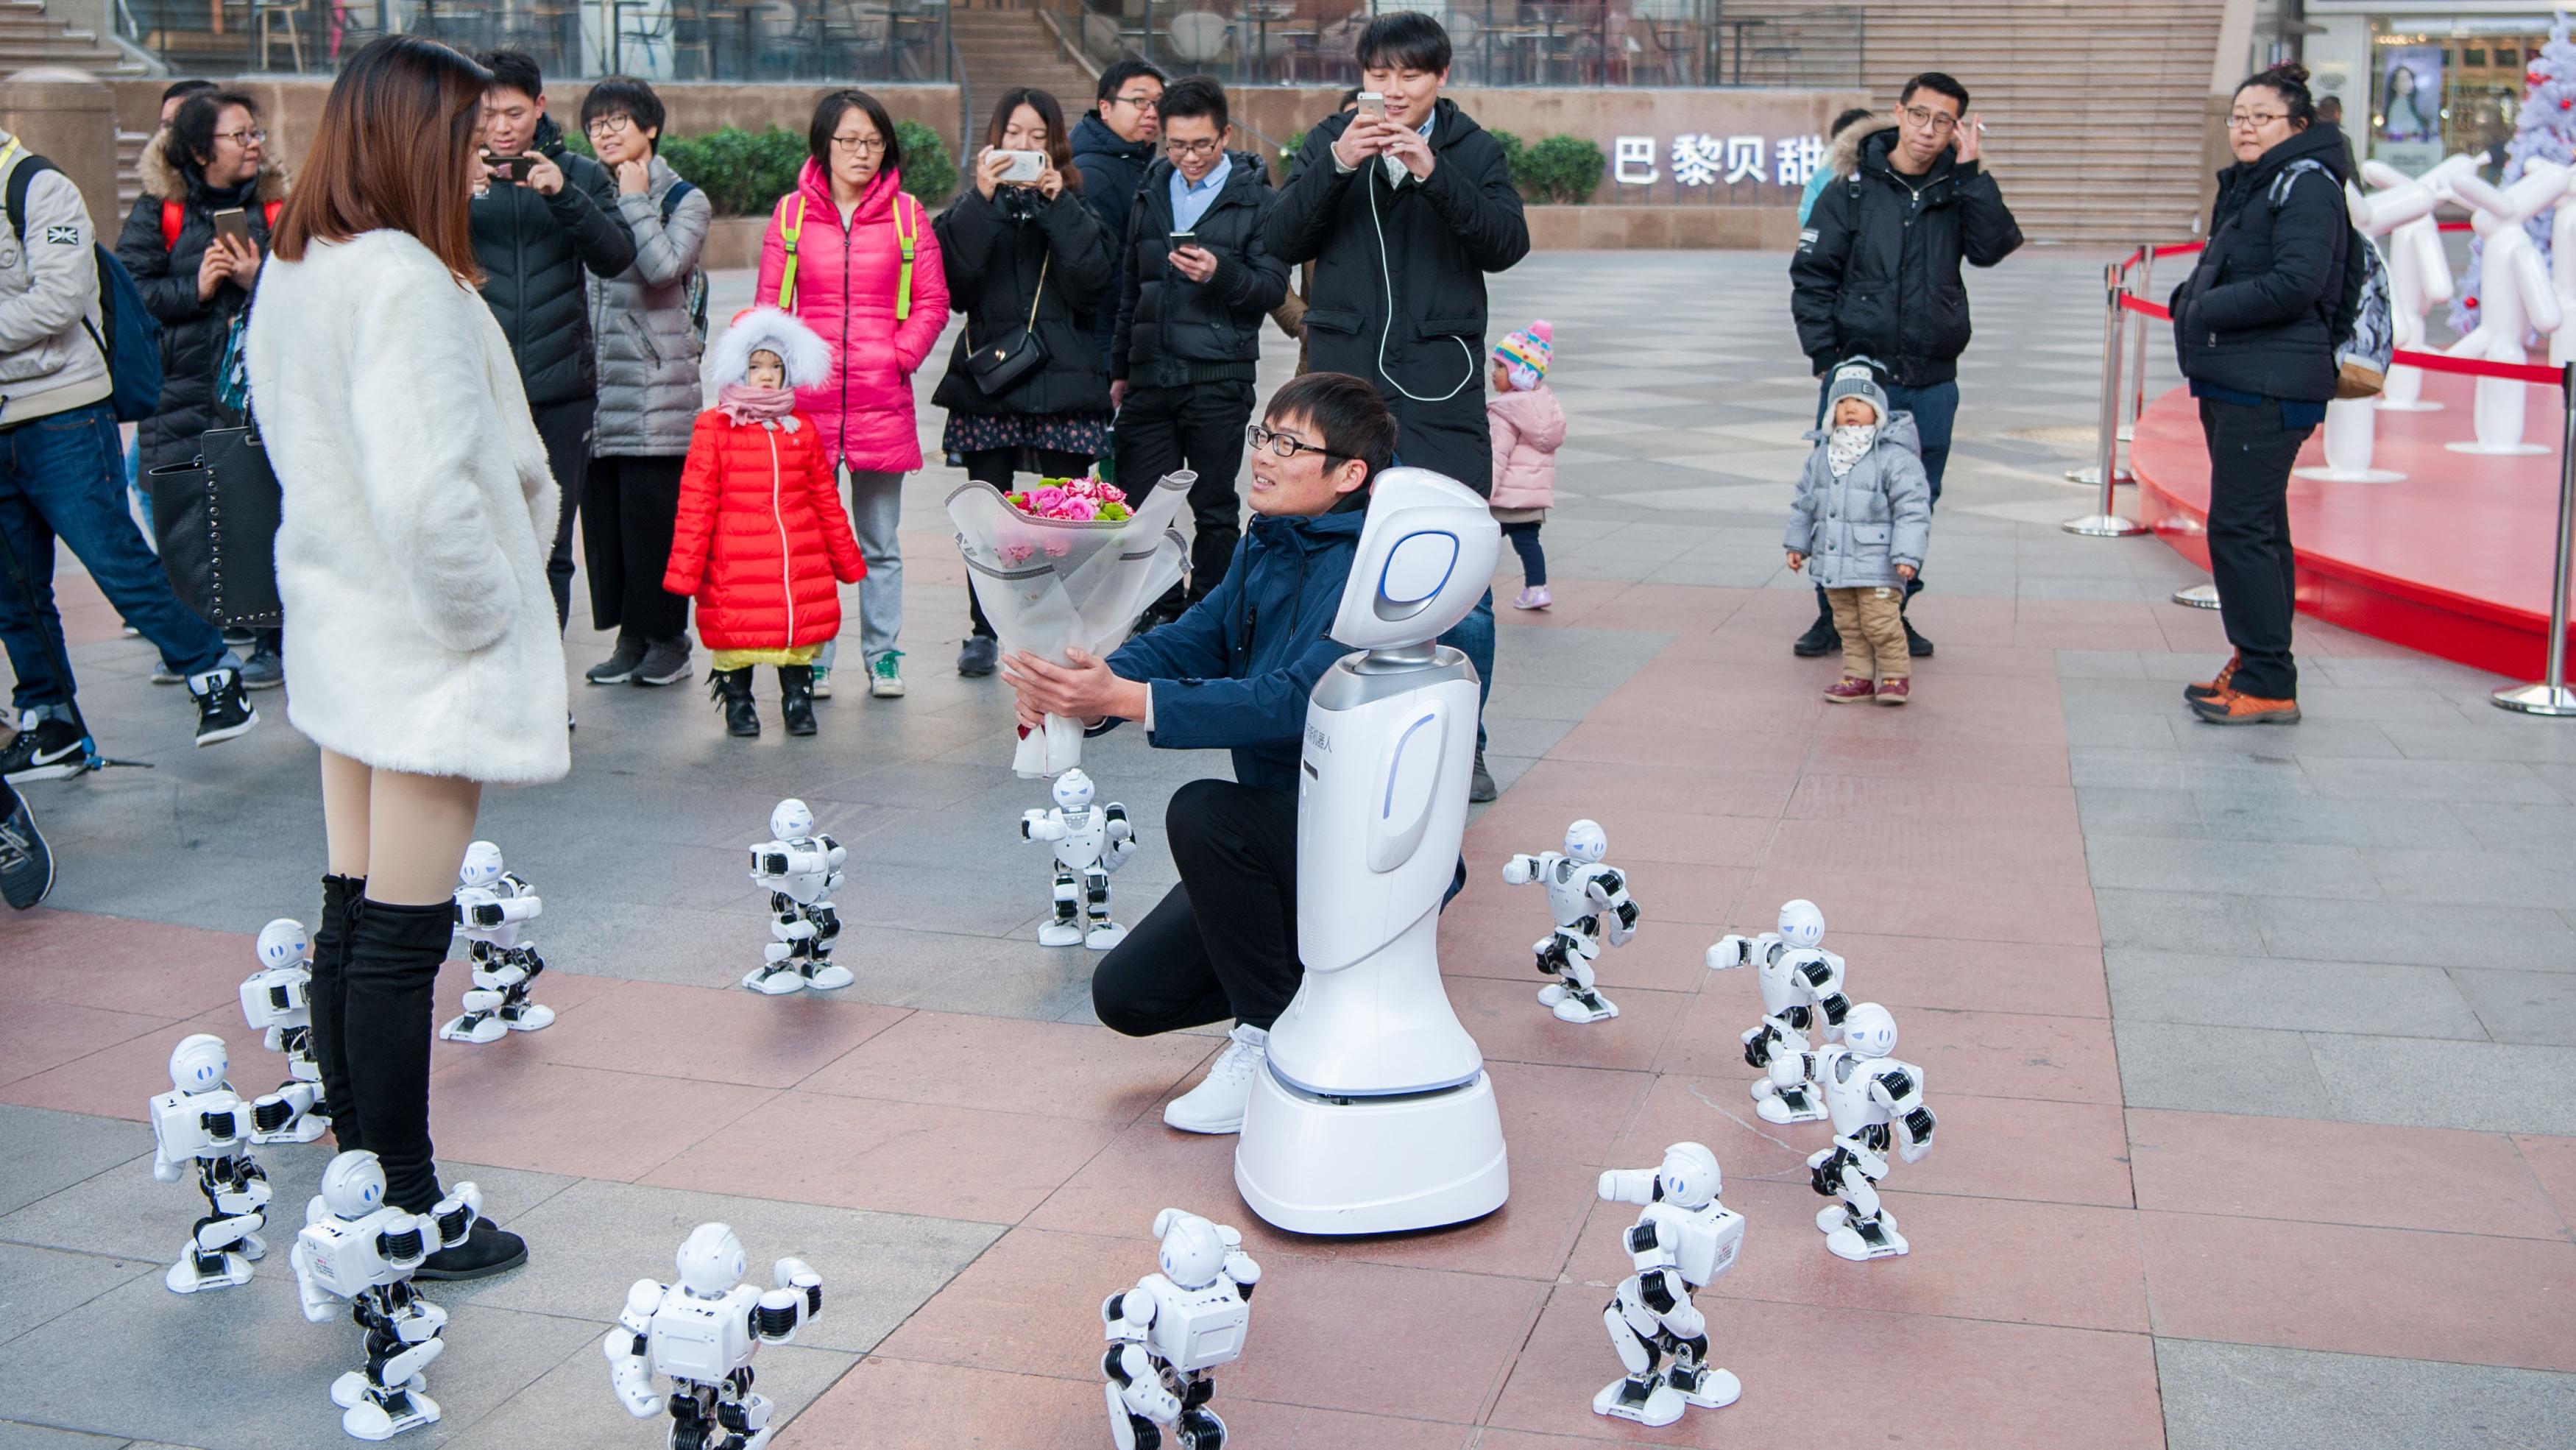 程序员求婚遭拒 女友:和机器人去过吧!